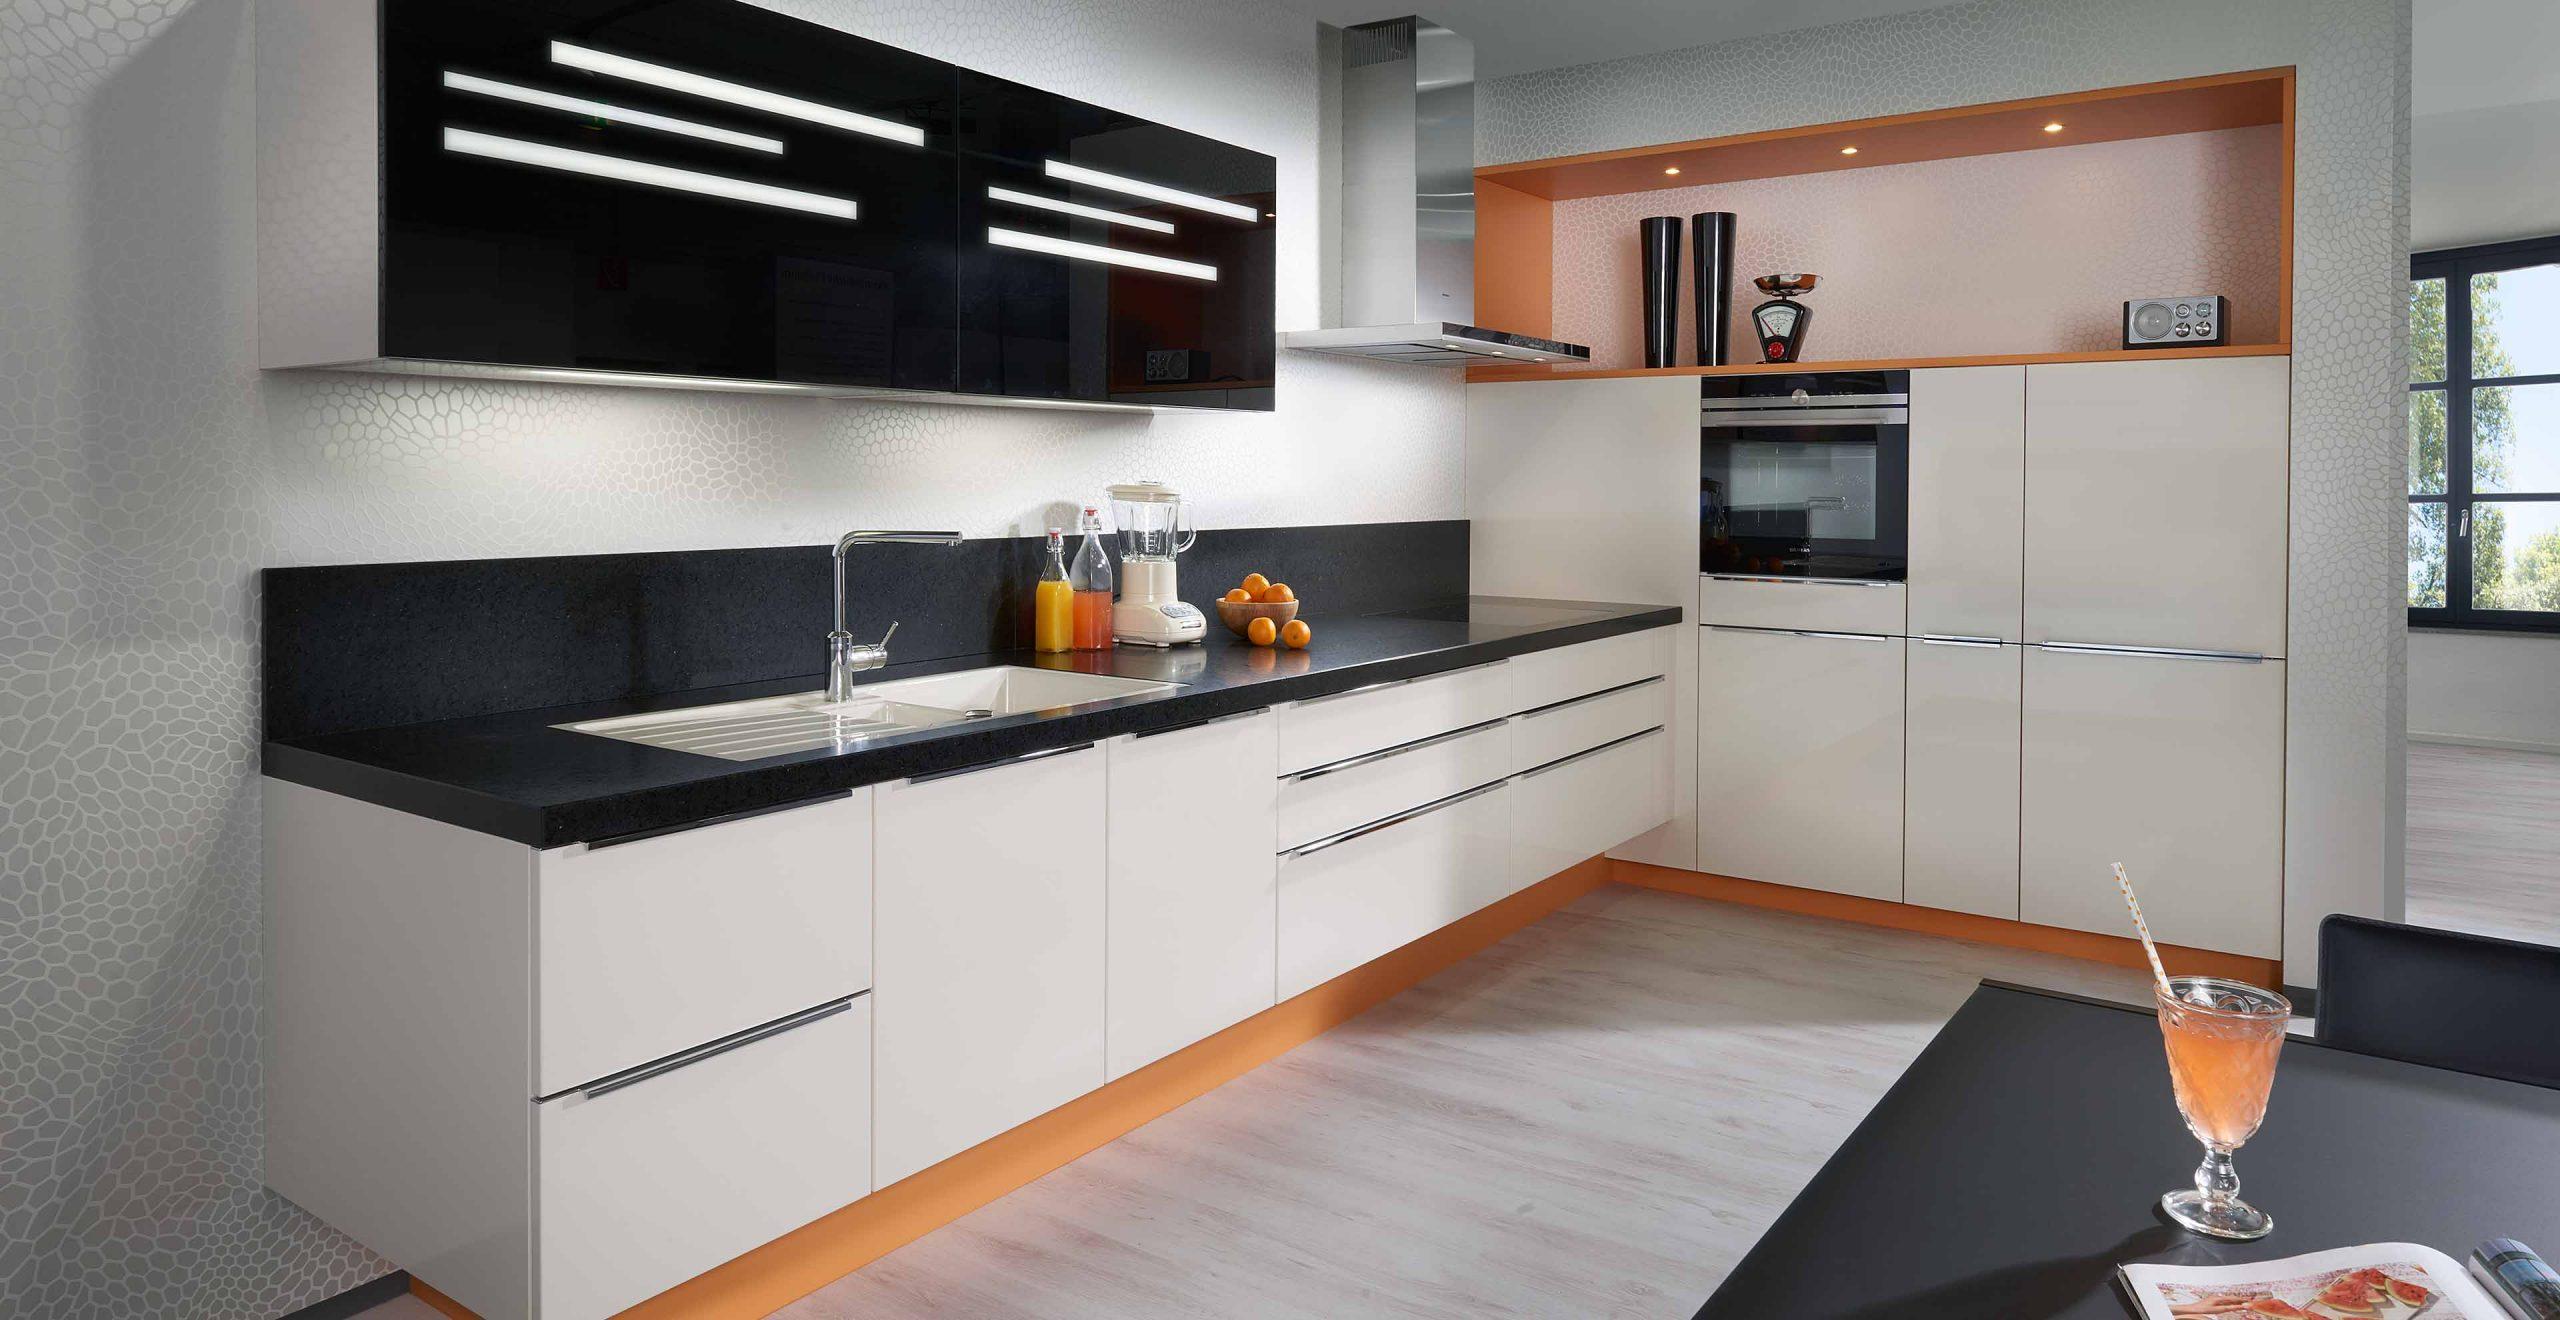 Full Size of Küche L Form Gebraucht Komplette Küche L Form Küche L Form Kaufen Küche L Form Ohne Kühlschrank Küche Küche L Form